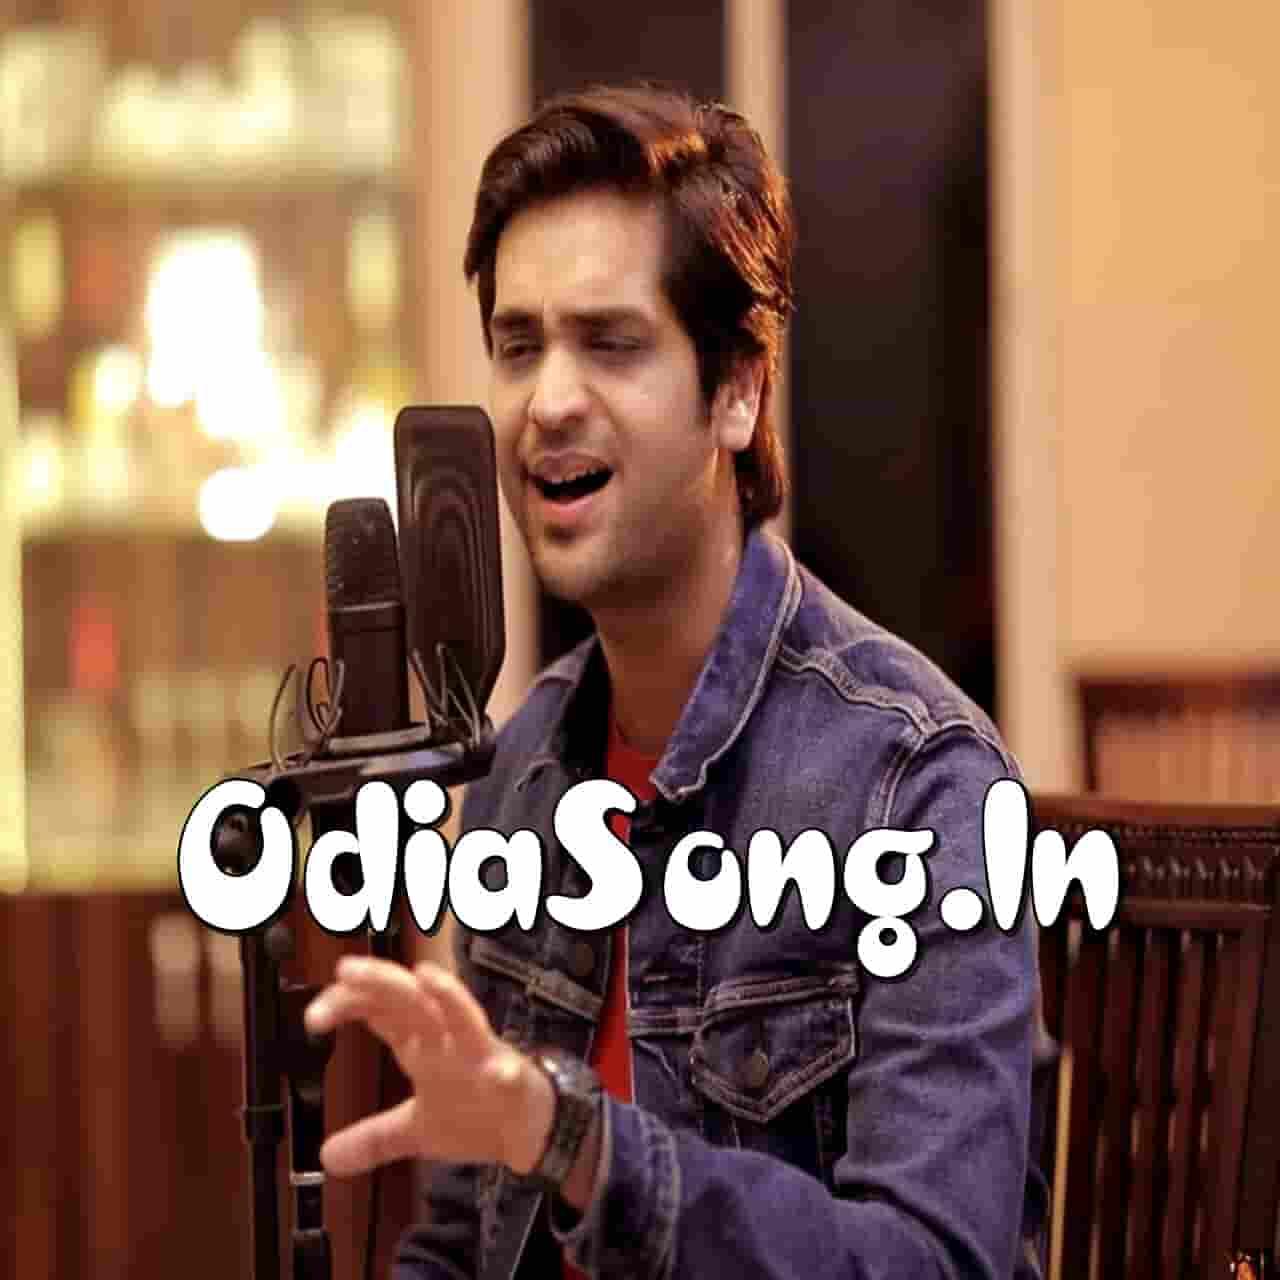 To Prema To Bina - Odia Song (Swayam Padhi)